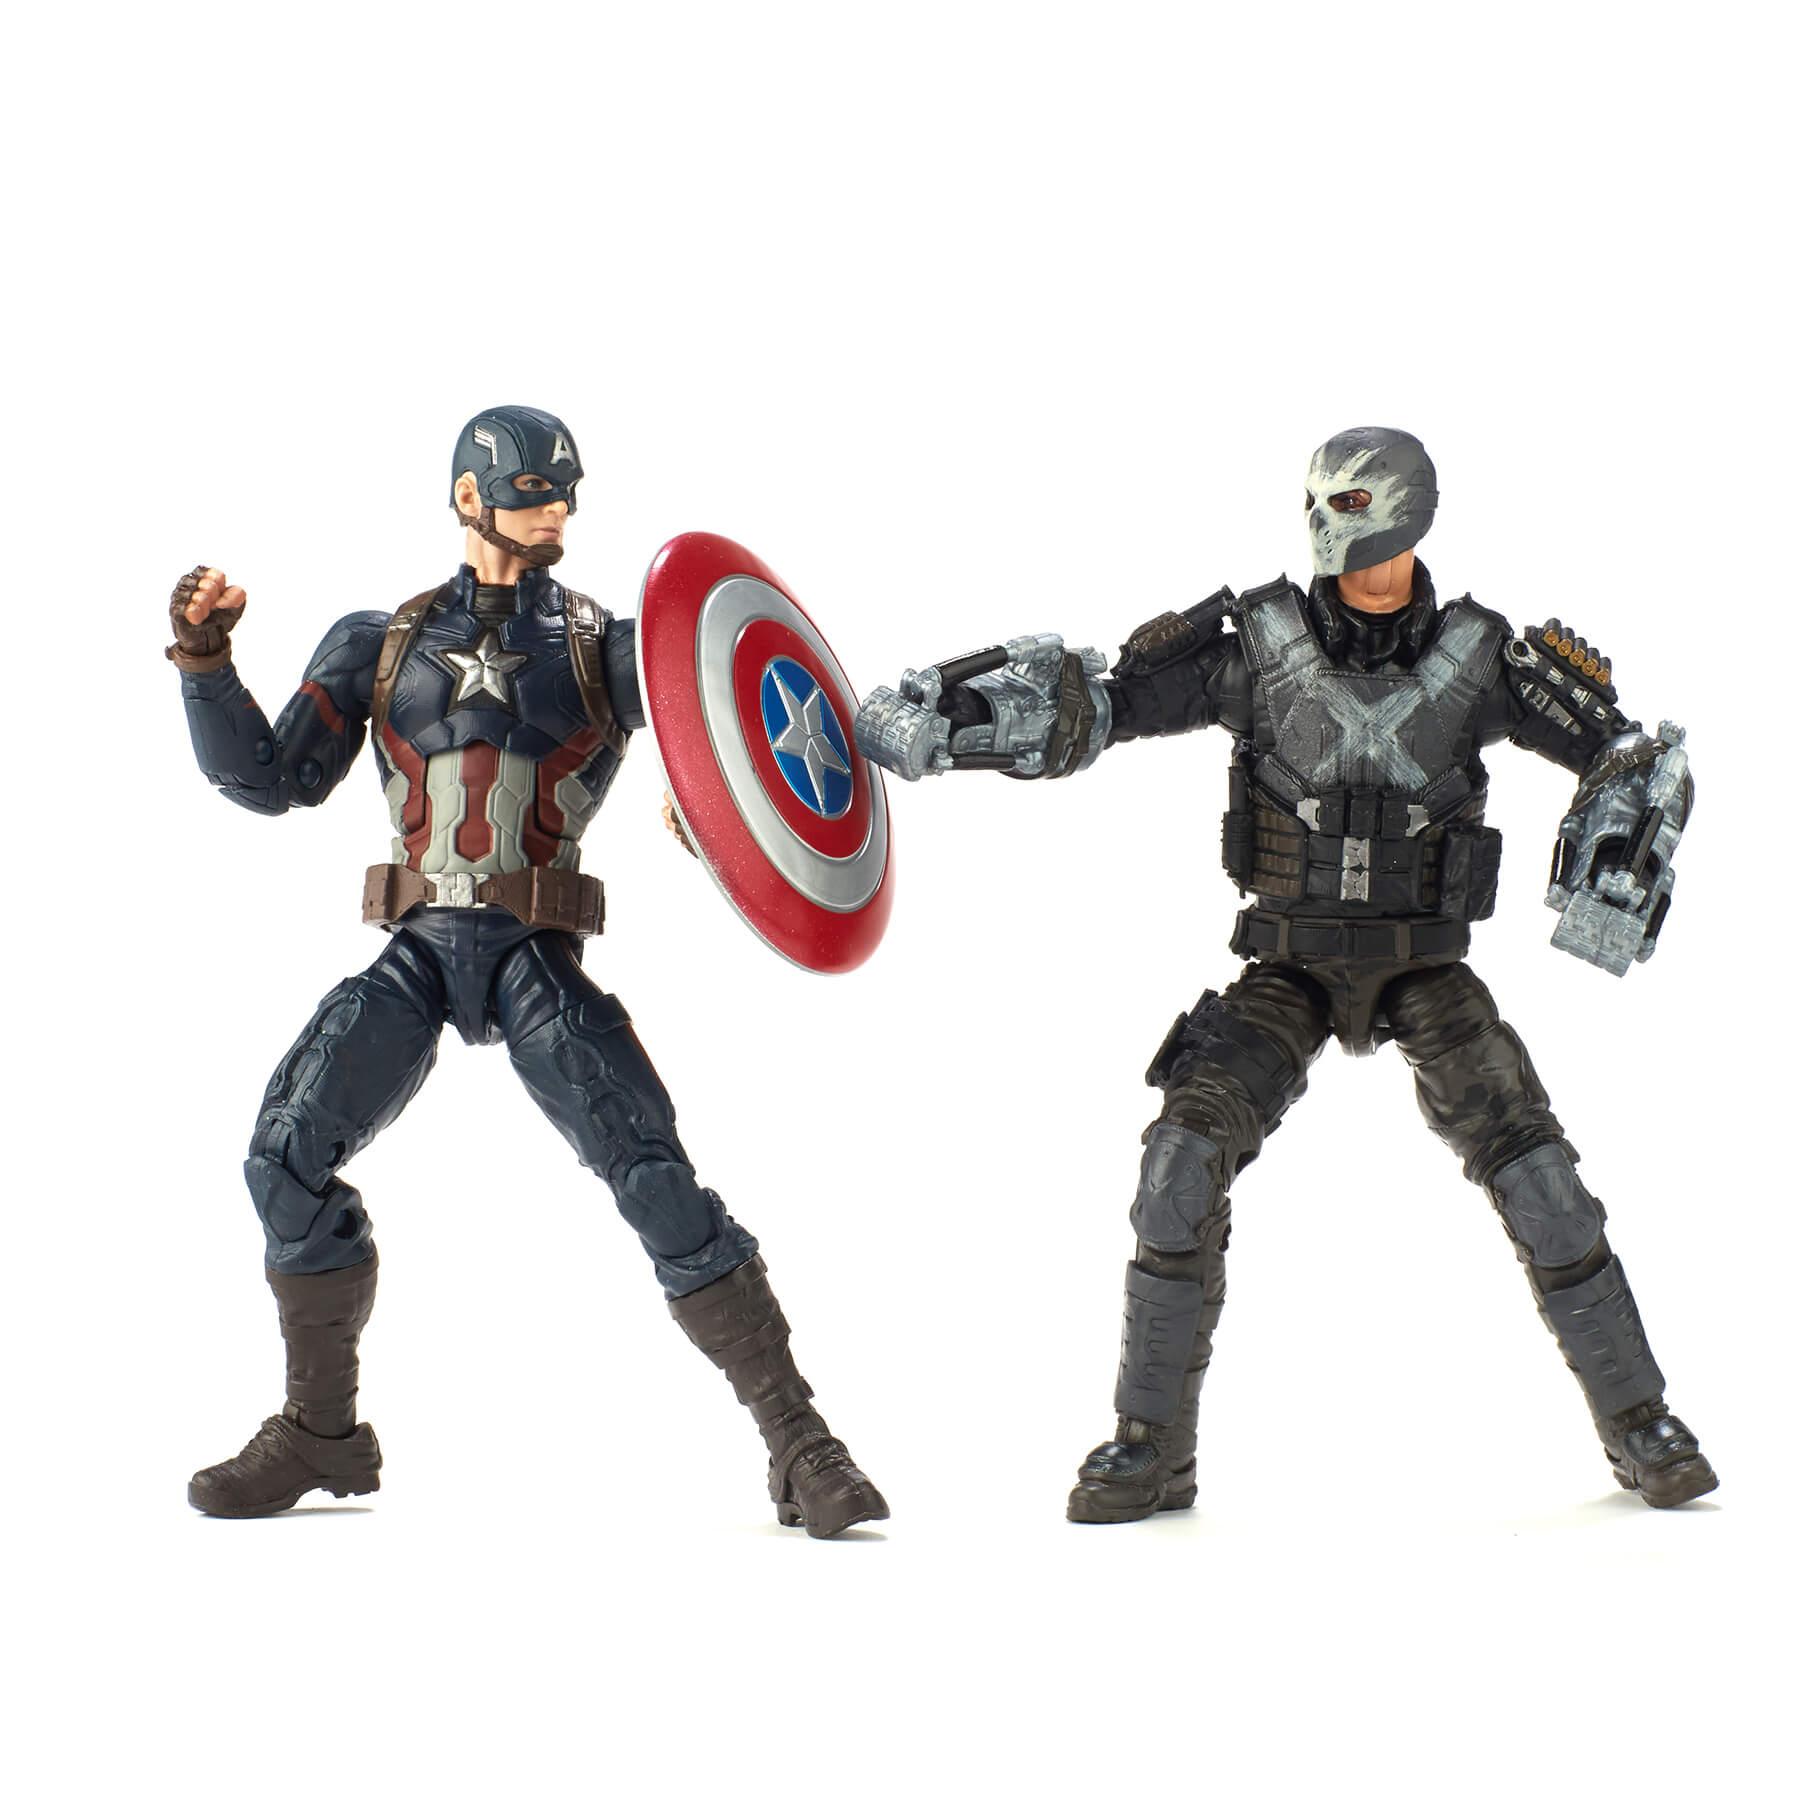 Hasbro 2018 MCU Civil War Captain America and Crossbones 2 pack